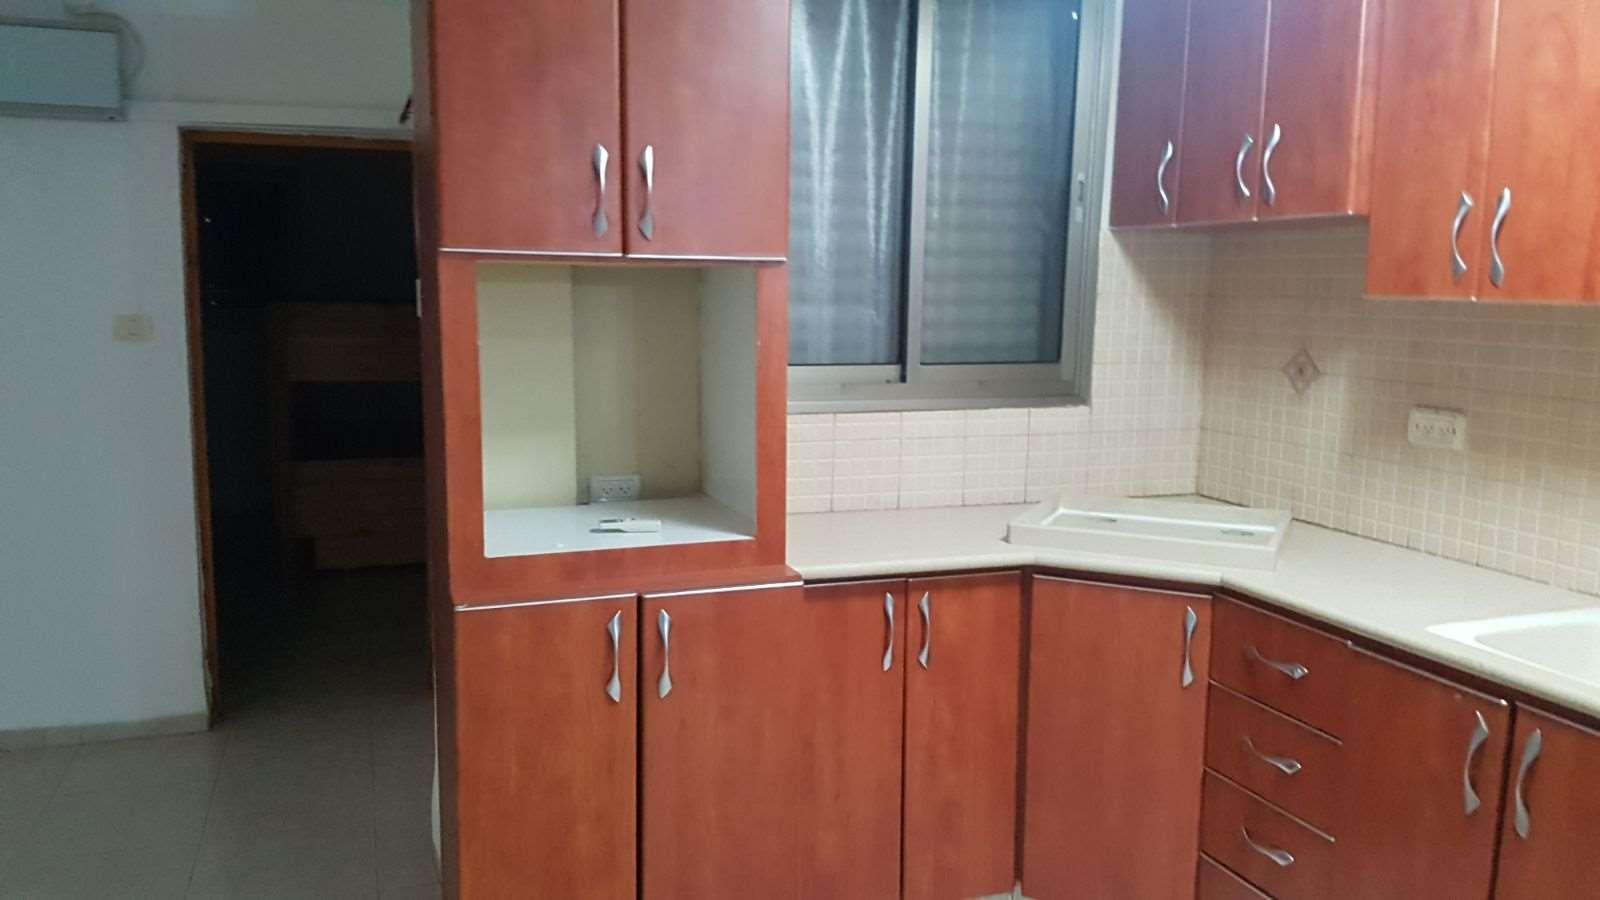 דירה להשכרה 3.5 חדרים בבית שאן הלורד בלפור